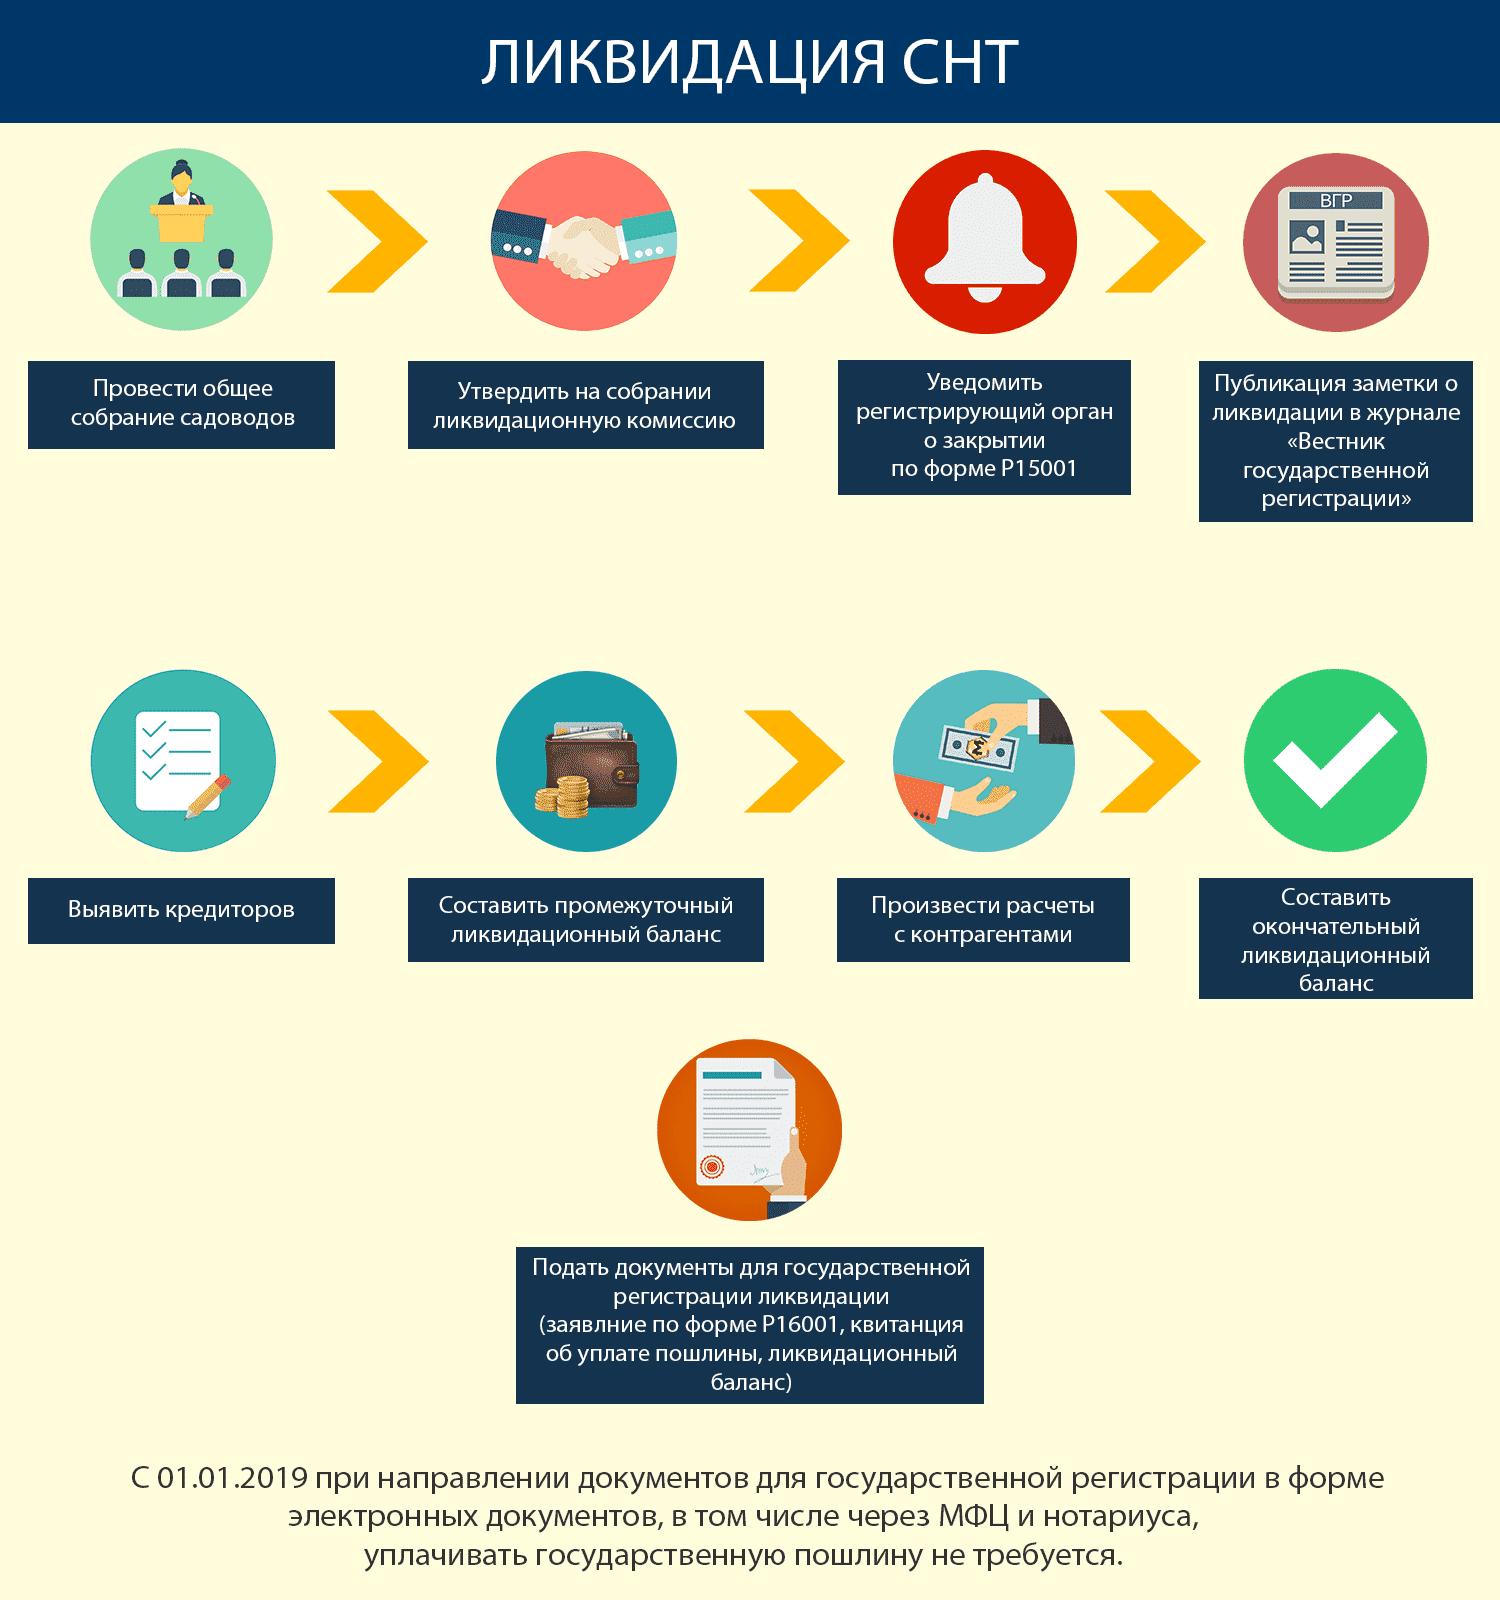 пошаговая инструкция по ликвидации СНТ в 2019 году фото